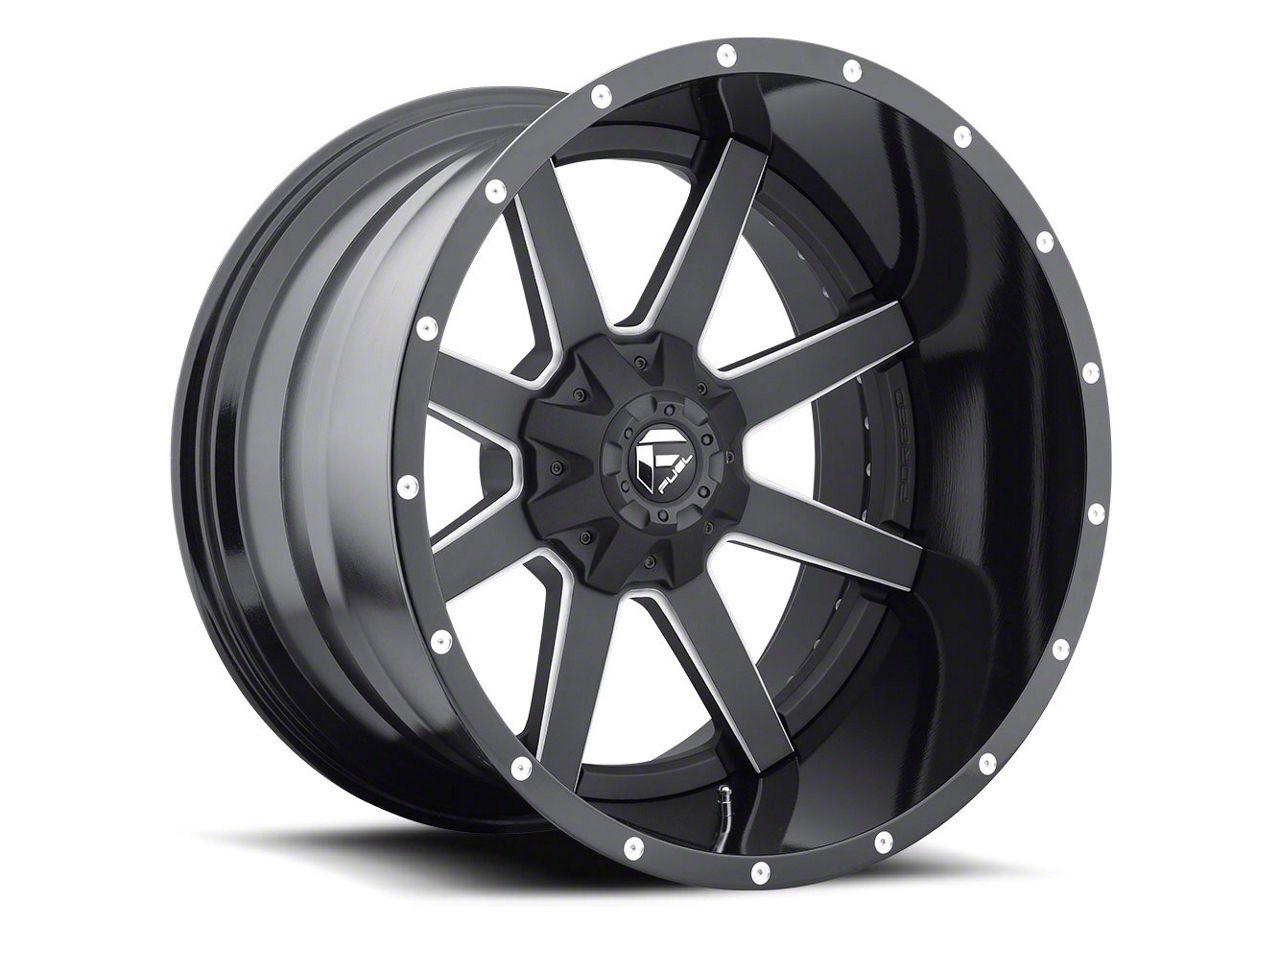 Fuel Wheels Maverick Black Milled 6-Lug Wheel - 22x10 (04-19 F-150)